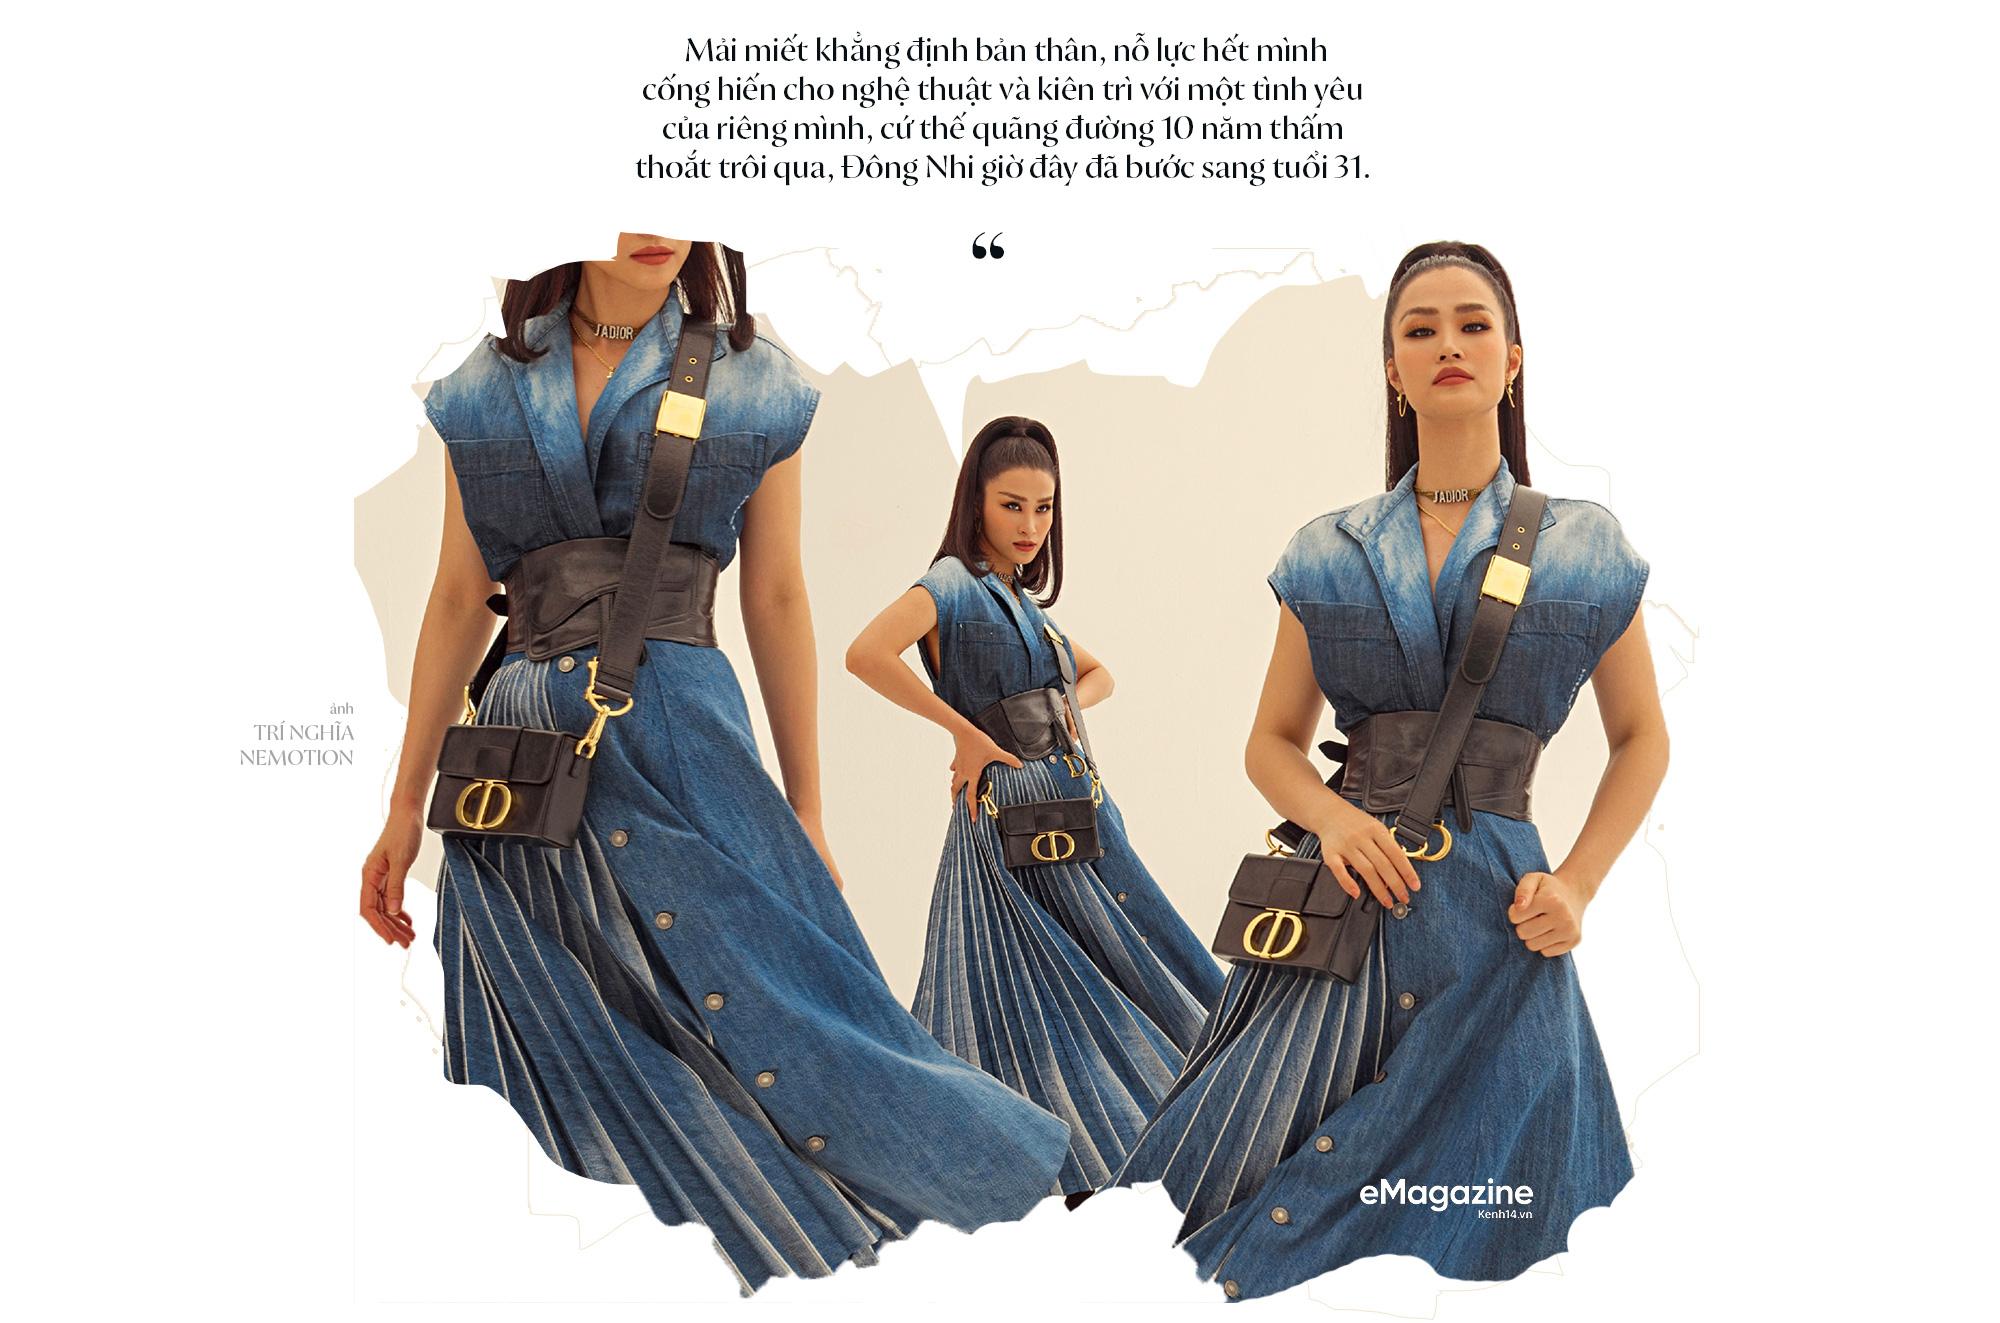 Câu chuyện cổ tích về Đông Nhi: Một cô gái bình thường chạm vào sự nghiệp huy hoàng và hạnh phúc vẹn toàn - Ảnh 4.